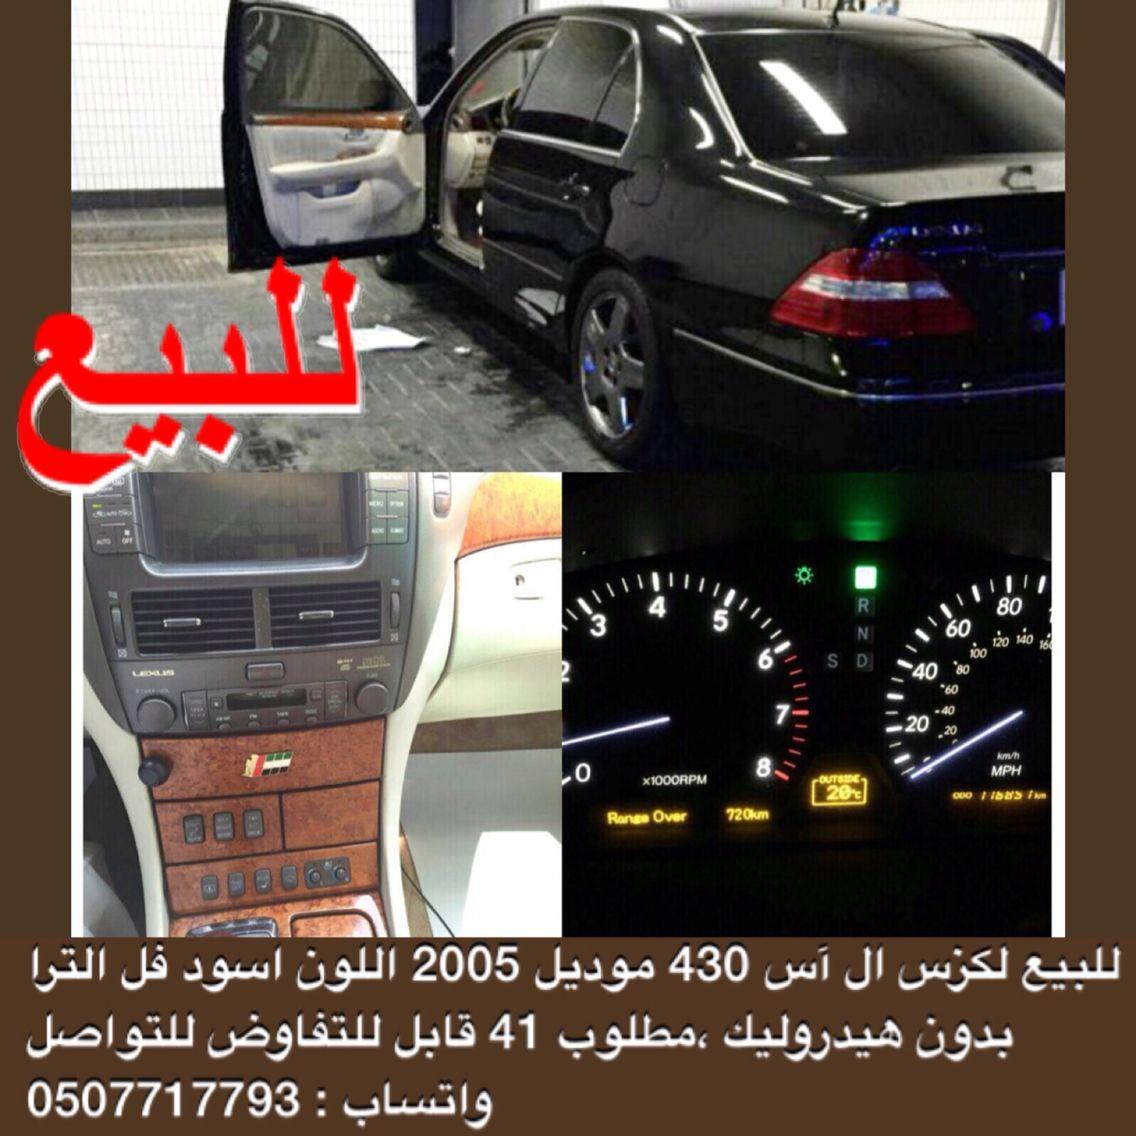 للبيع لكزس ال آس 430 موديل 2005 اللون اسود فل الترا بدون هيدروليك مطلوب 41 قابل للتفاوض للتواصل واتساب 0507717793 لكسز اعلان مميز واتساب Suv Car Suv Car